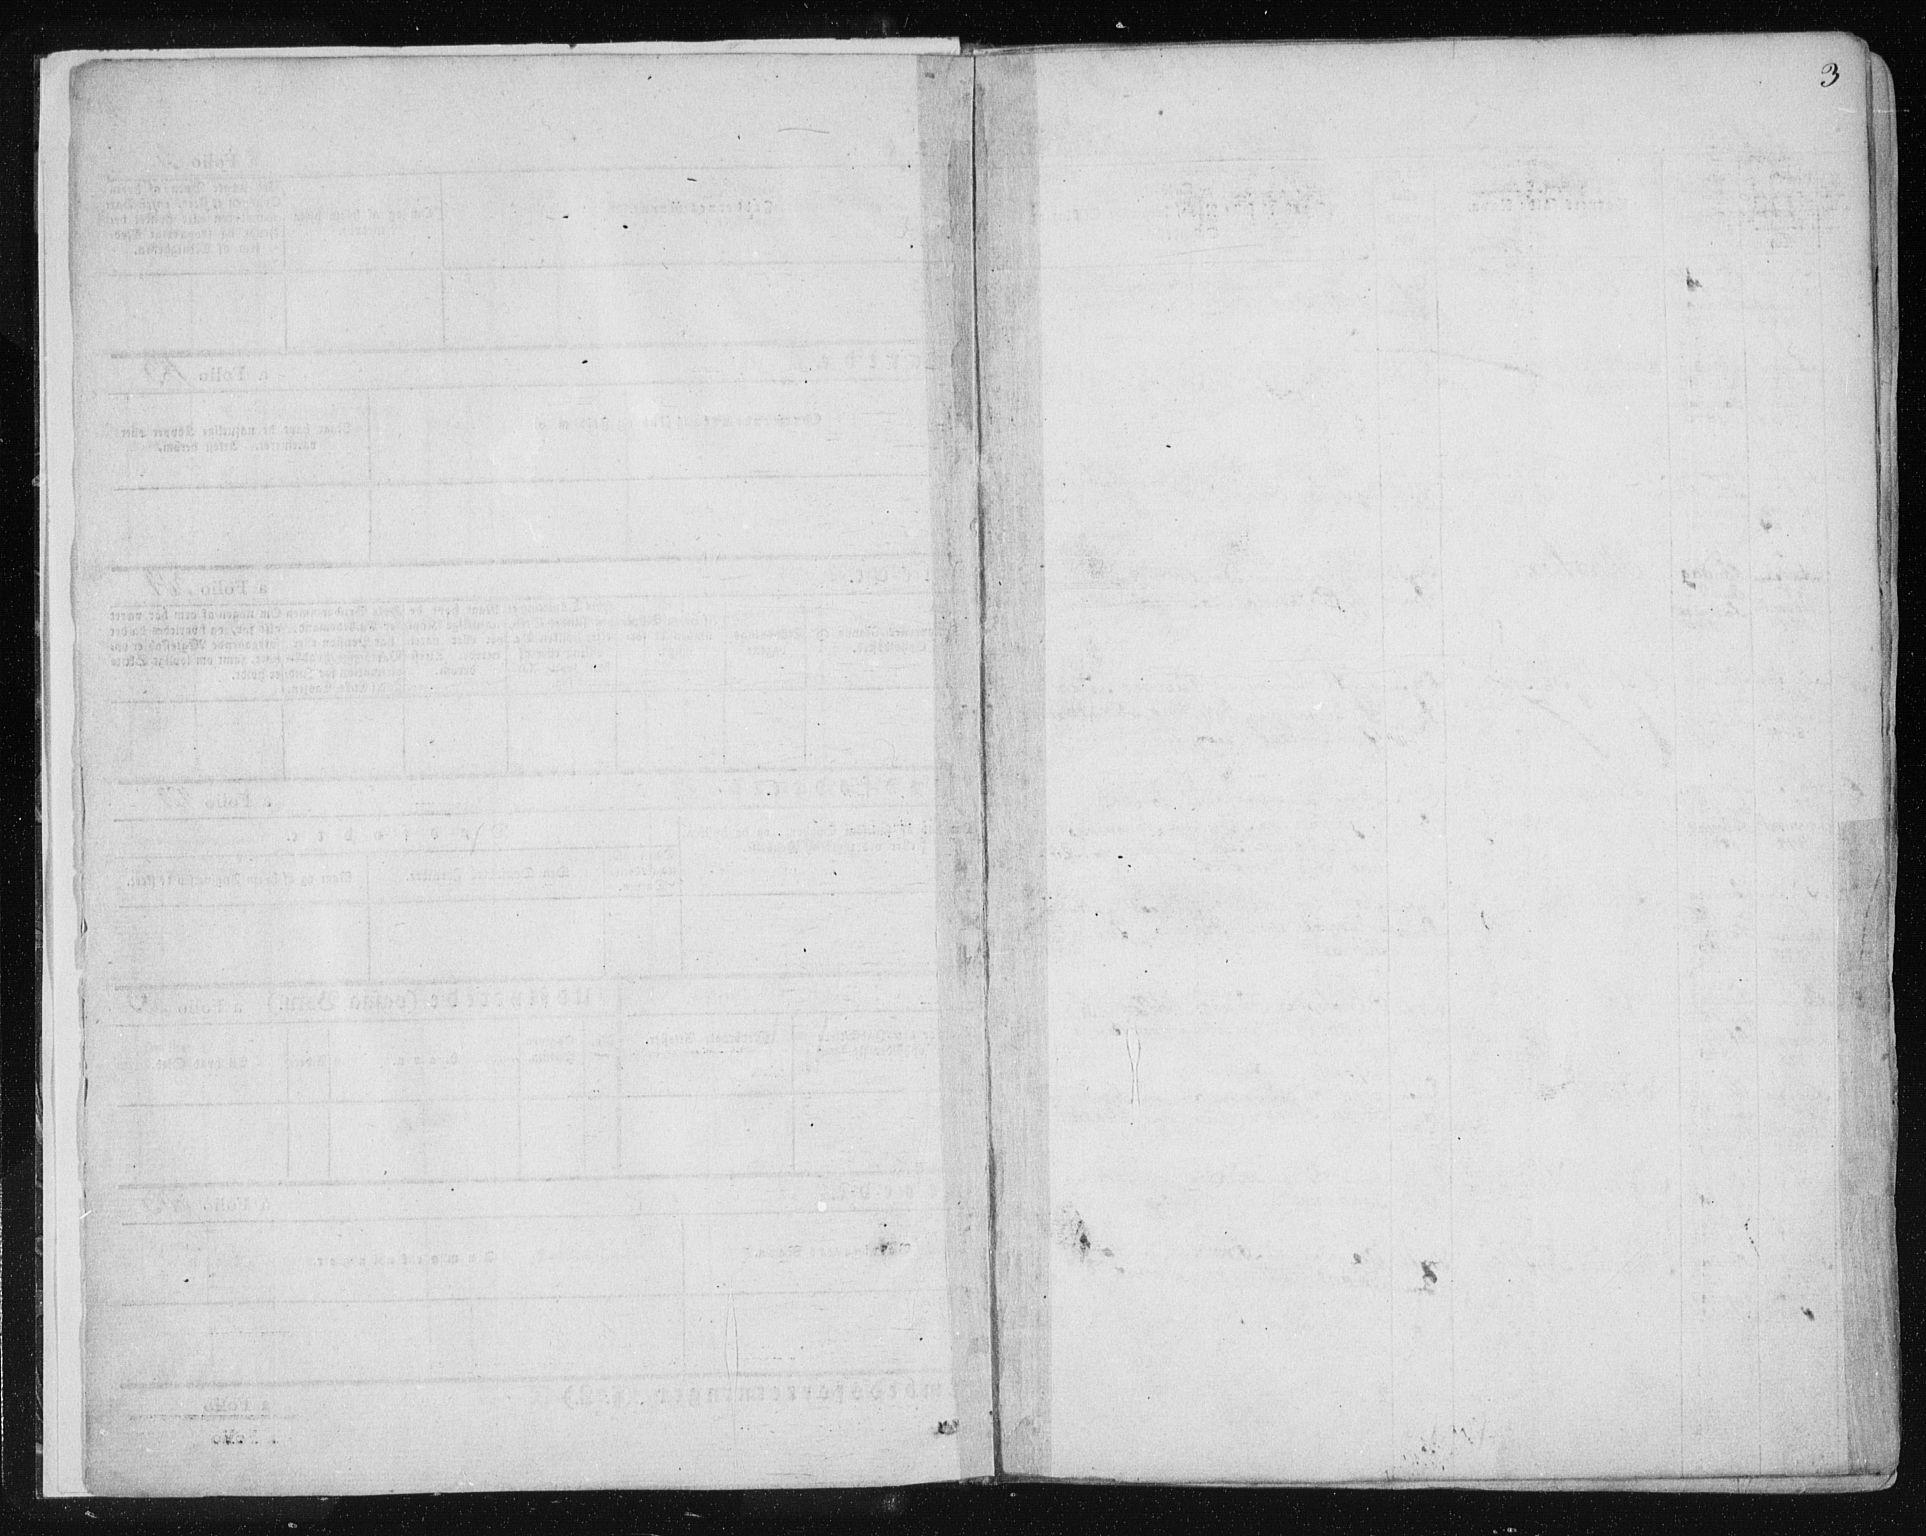 SAT, Ministerialprotokoller, klokkerbøker og fødselsregistre - Sør-Trøndelag, 681/L0931: Ministerialbok nr. 681A09, 1845-1859, s. 3